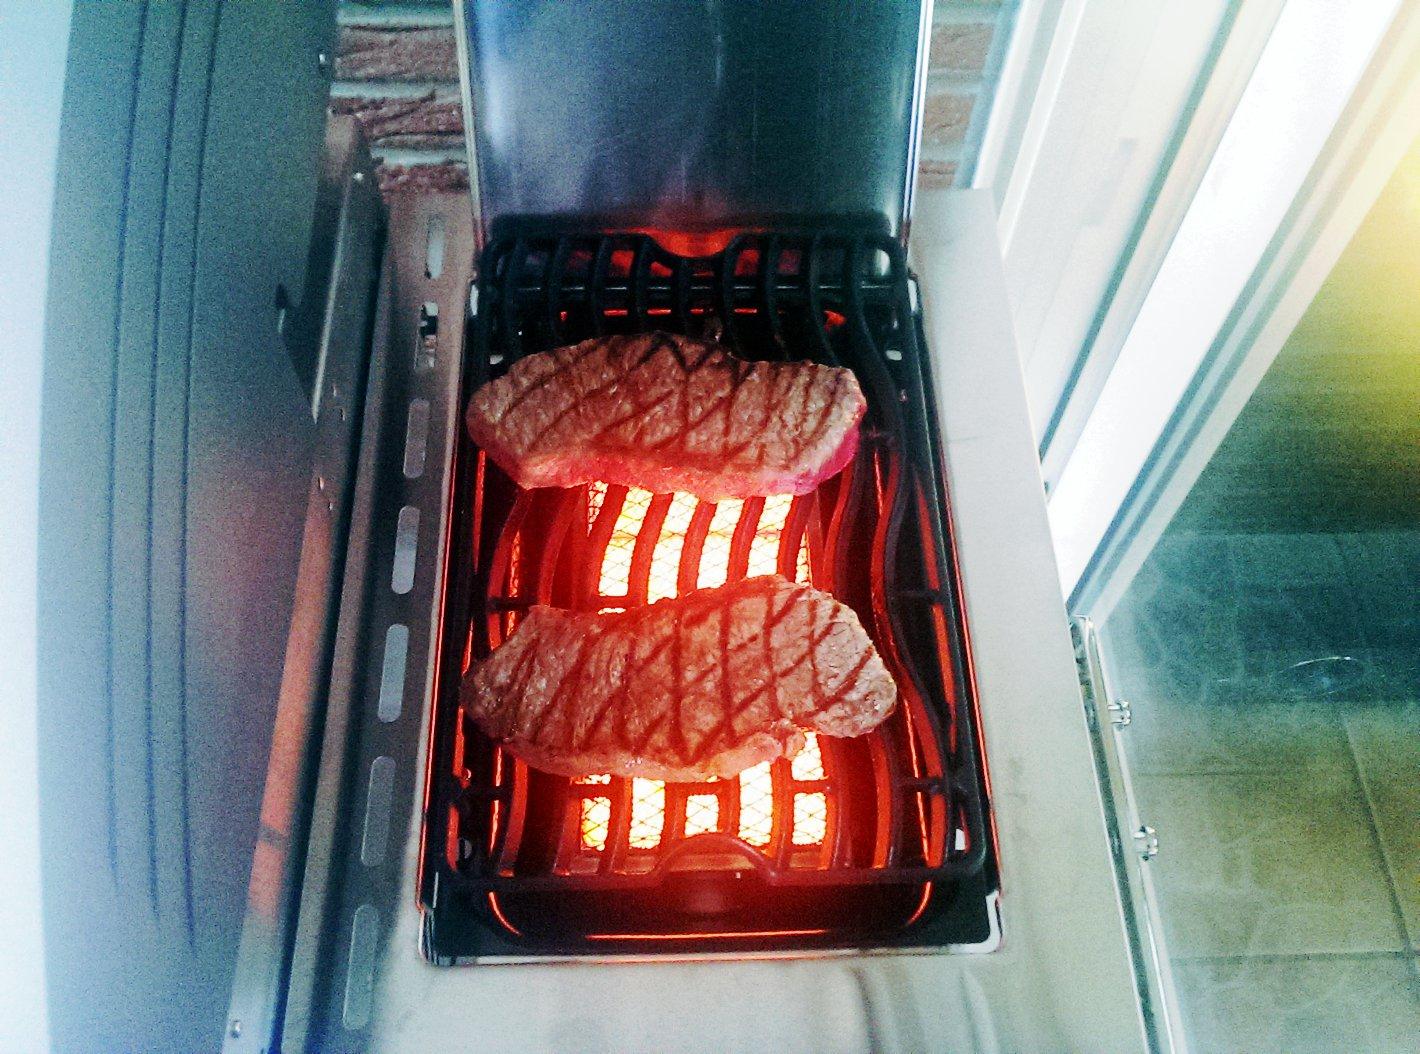 Outdoor Küche Mit Gasgrill Und 4 Brenner Utah : Outdoor küche mit gasgrill und brenner utah gasgrill vancouver